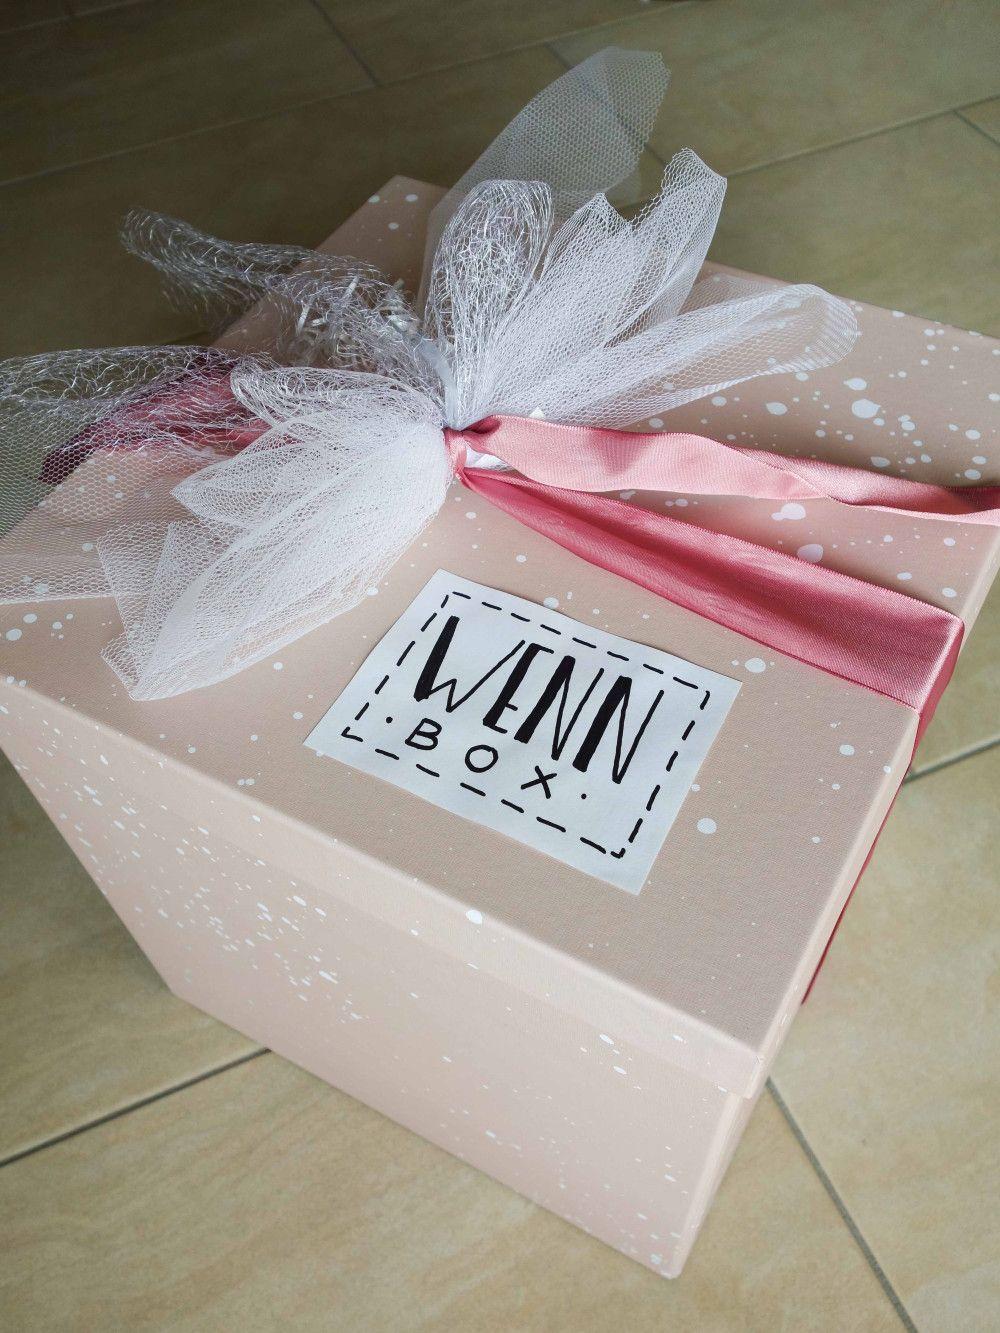 Geschenkidee für die beste Freundin: Wenn-Box | Diy